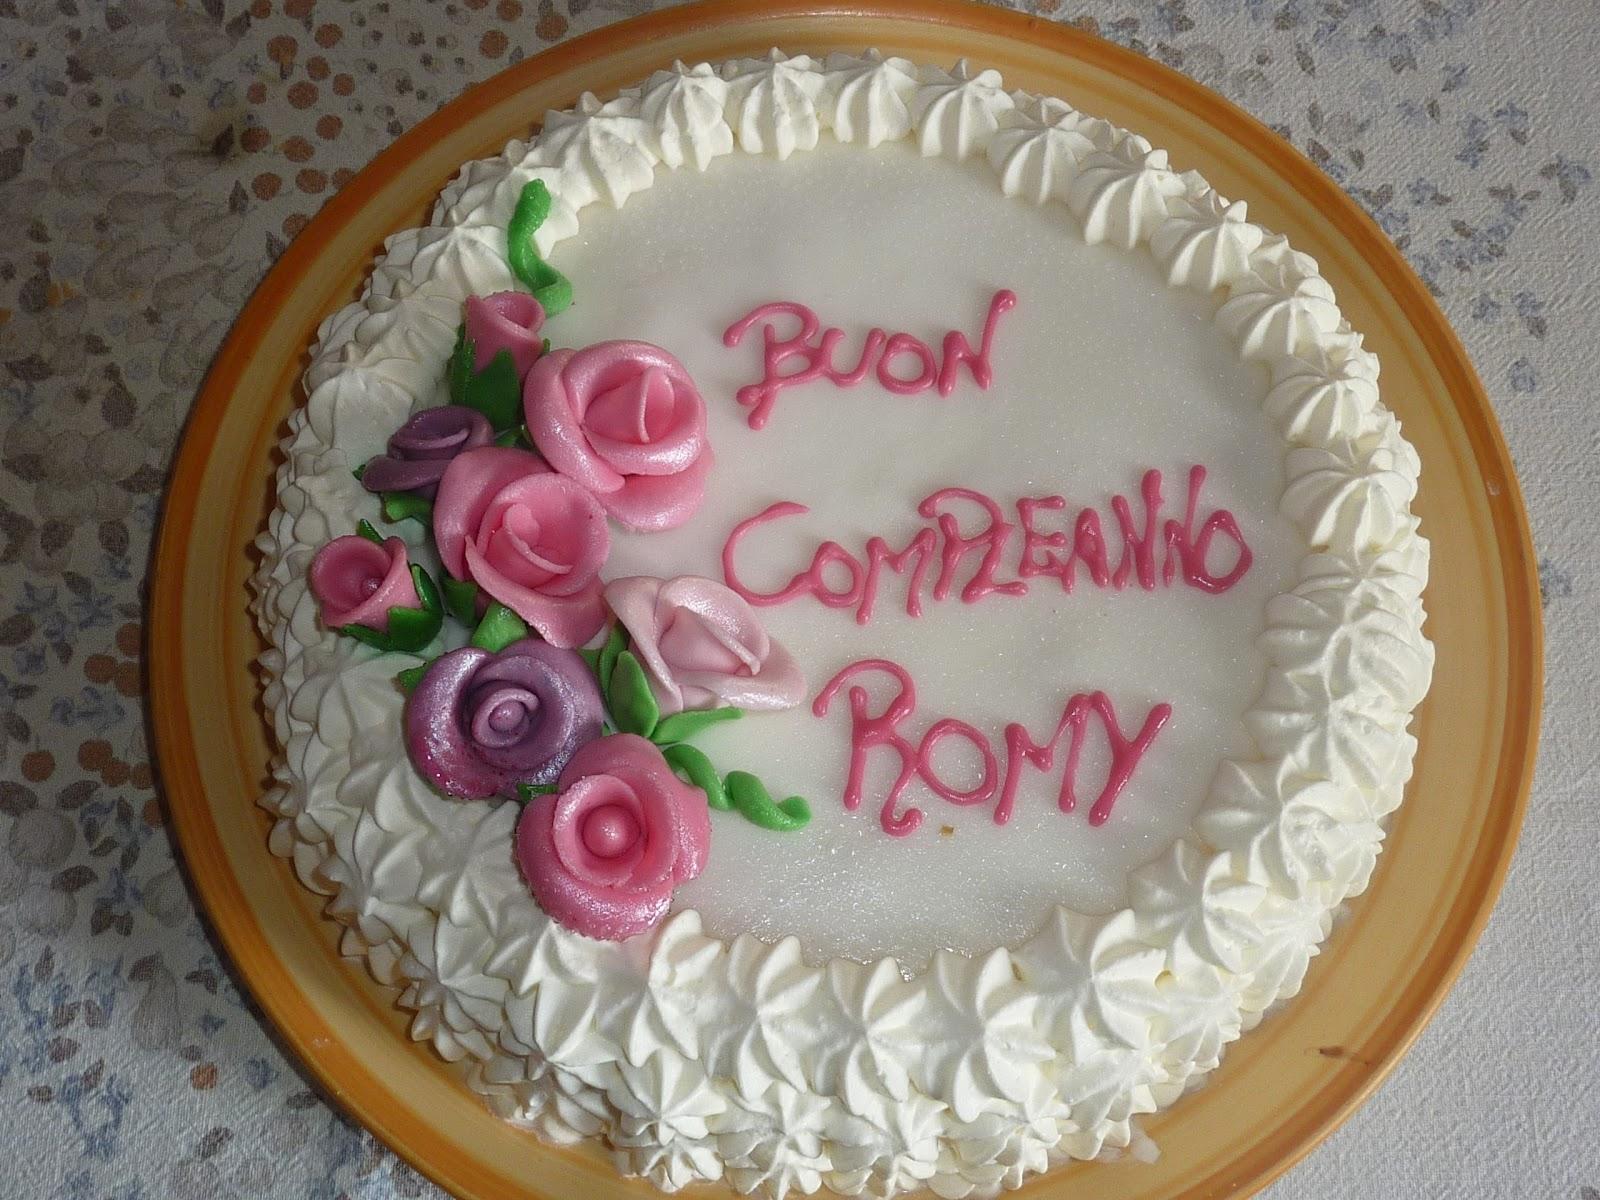 Cucina e fantasia aprile 2012 for Decorazioni torte uomo con panna